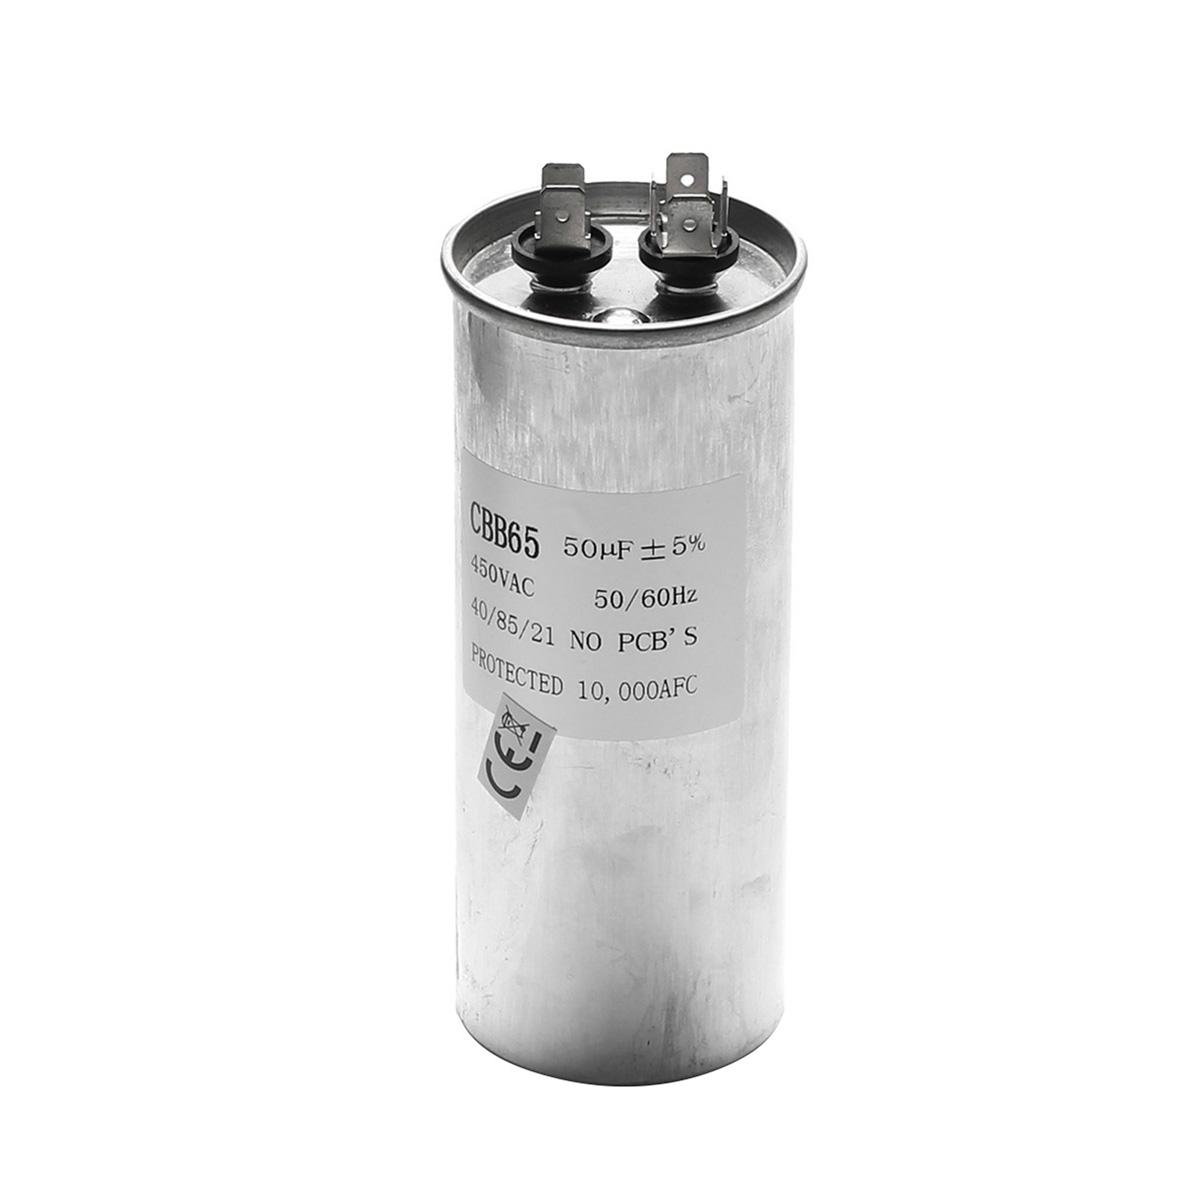 Small Air Conditioner Australia